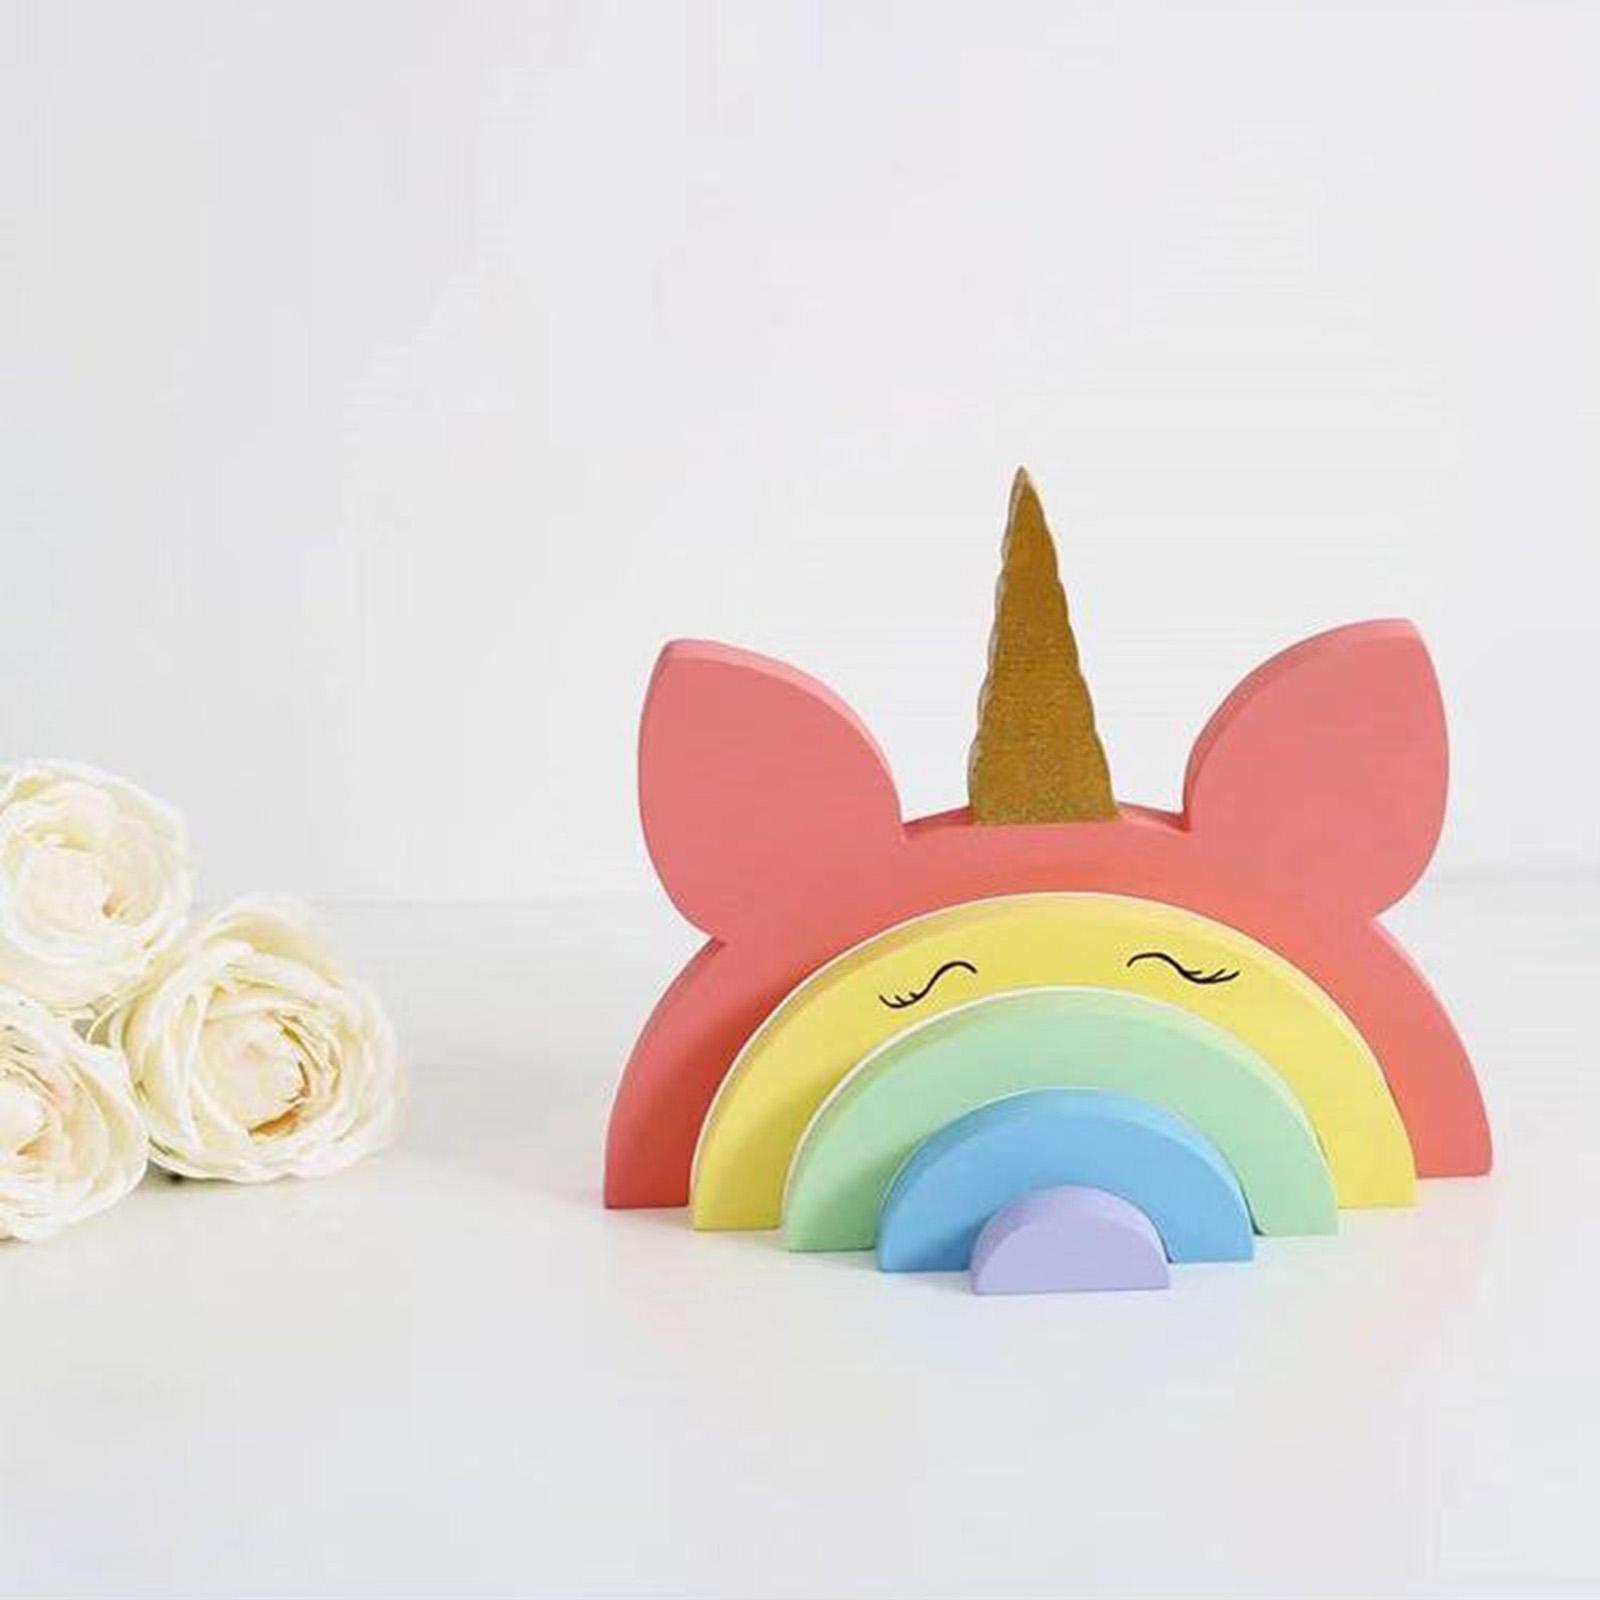 miniature 10 - Blocs de construction d'empilage coloré en bois créatif jouet de bébé Montes